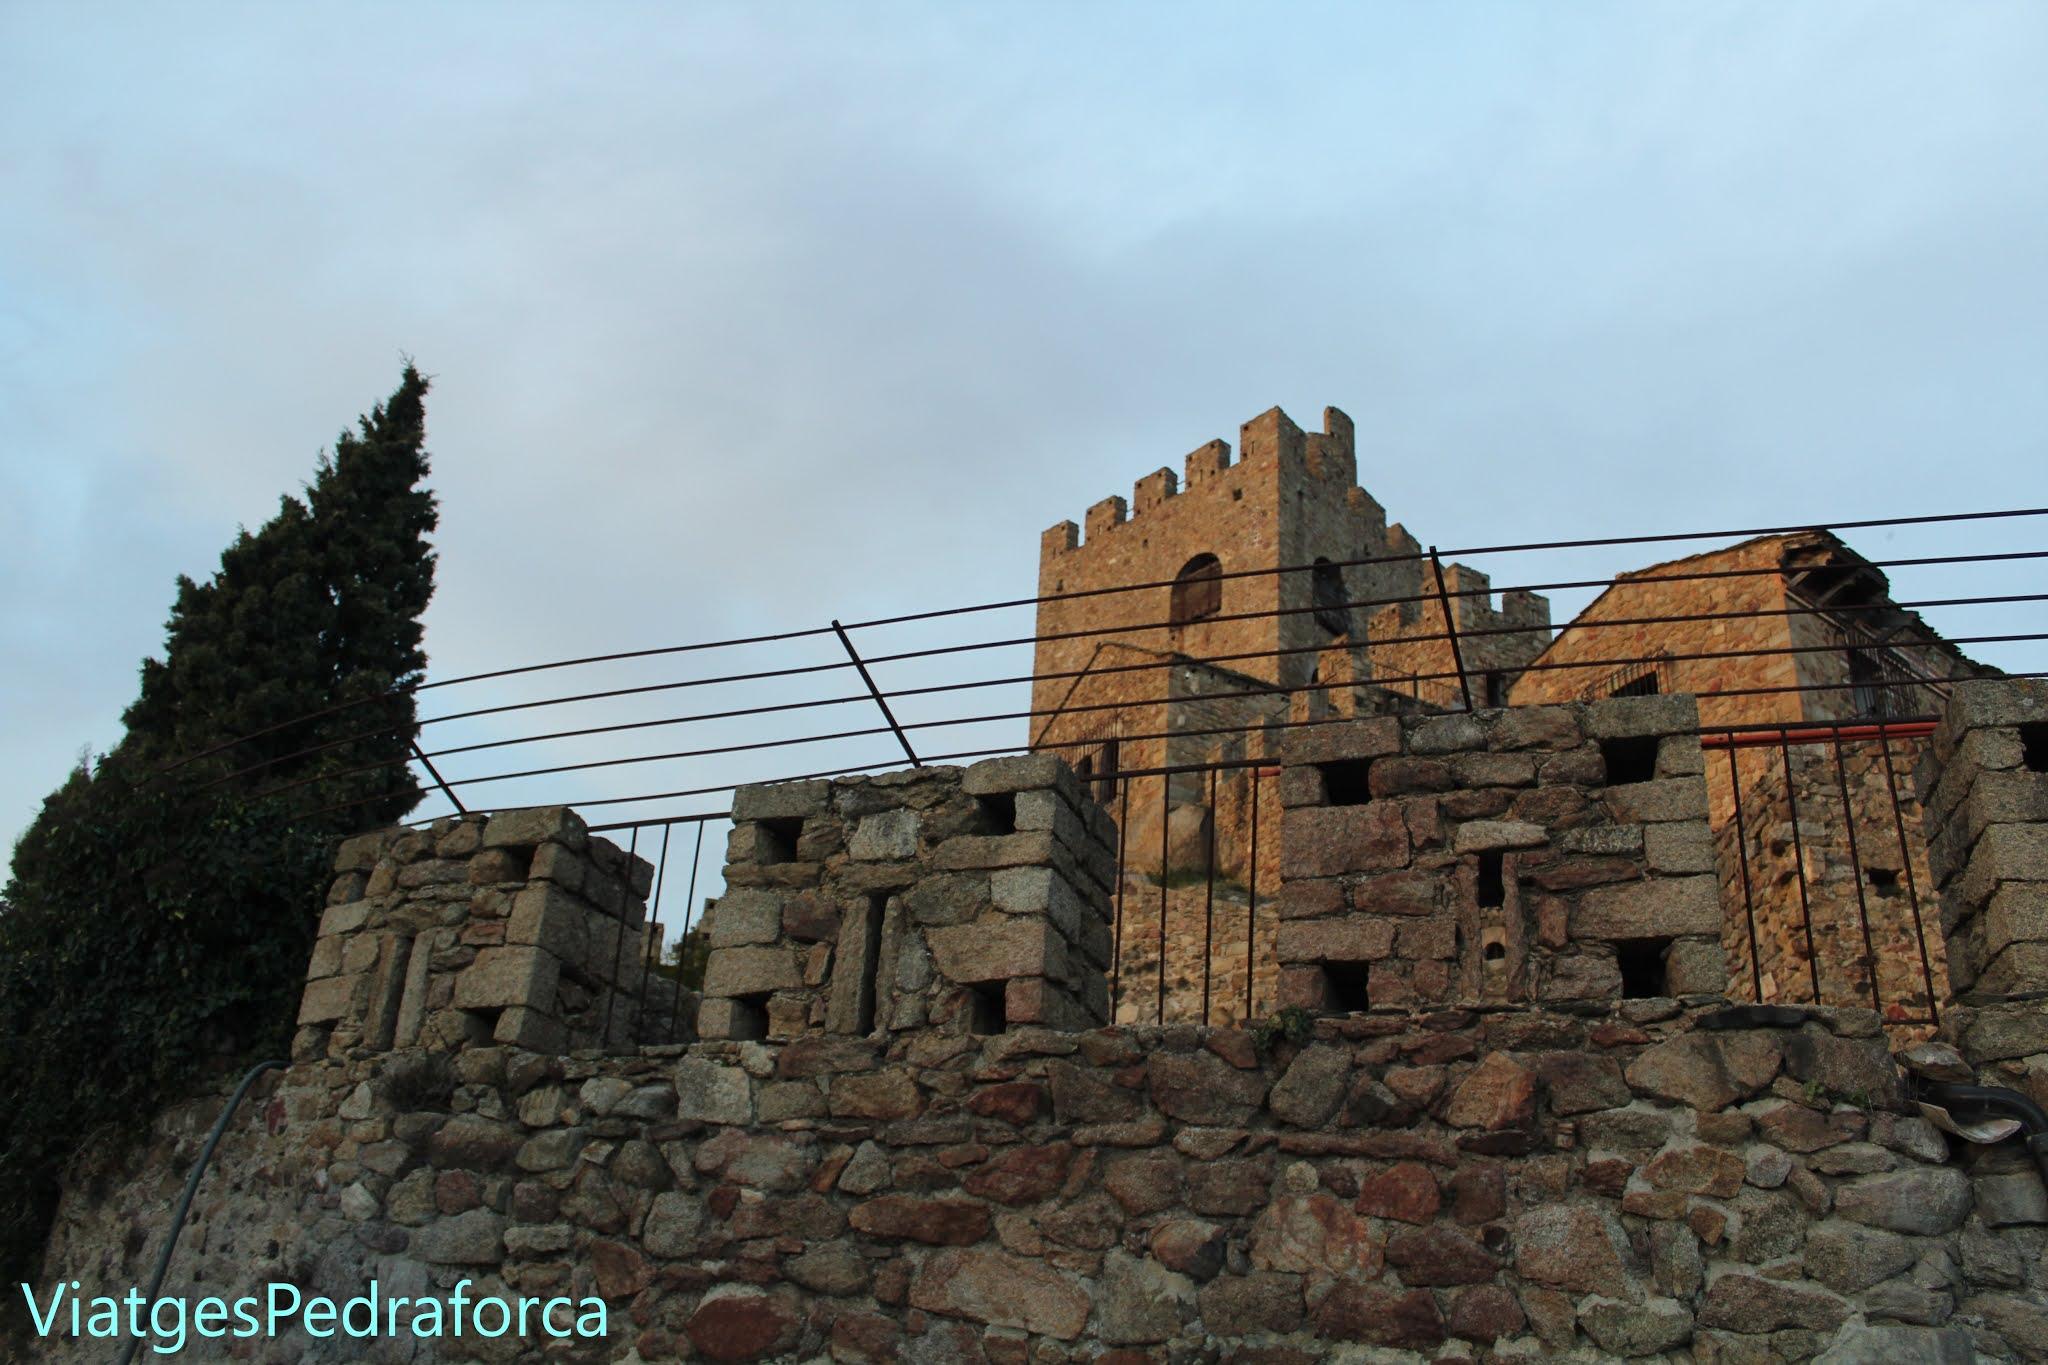 Costa Brava, Alt Empordà, Pirineus, Catalunya, rutes per Catalunya, patrimoni cultural, castells